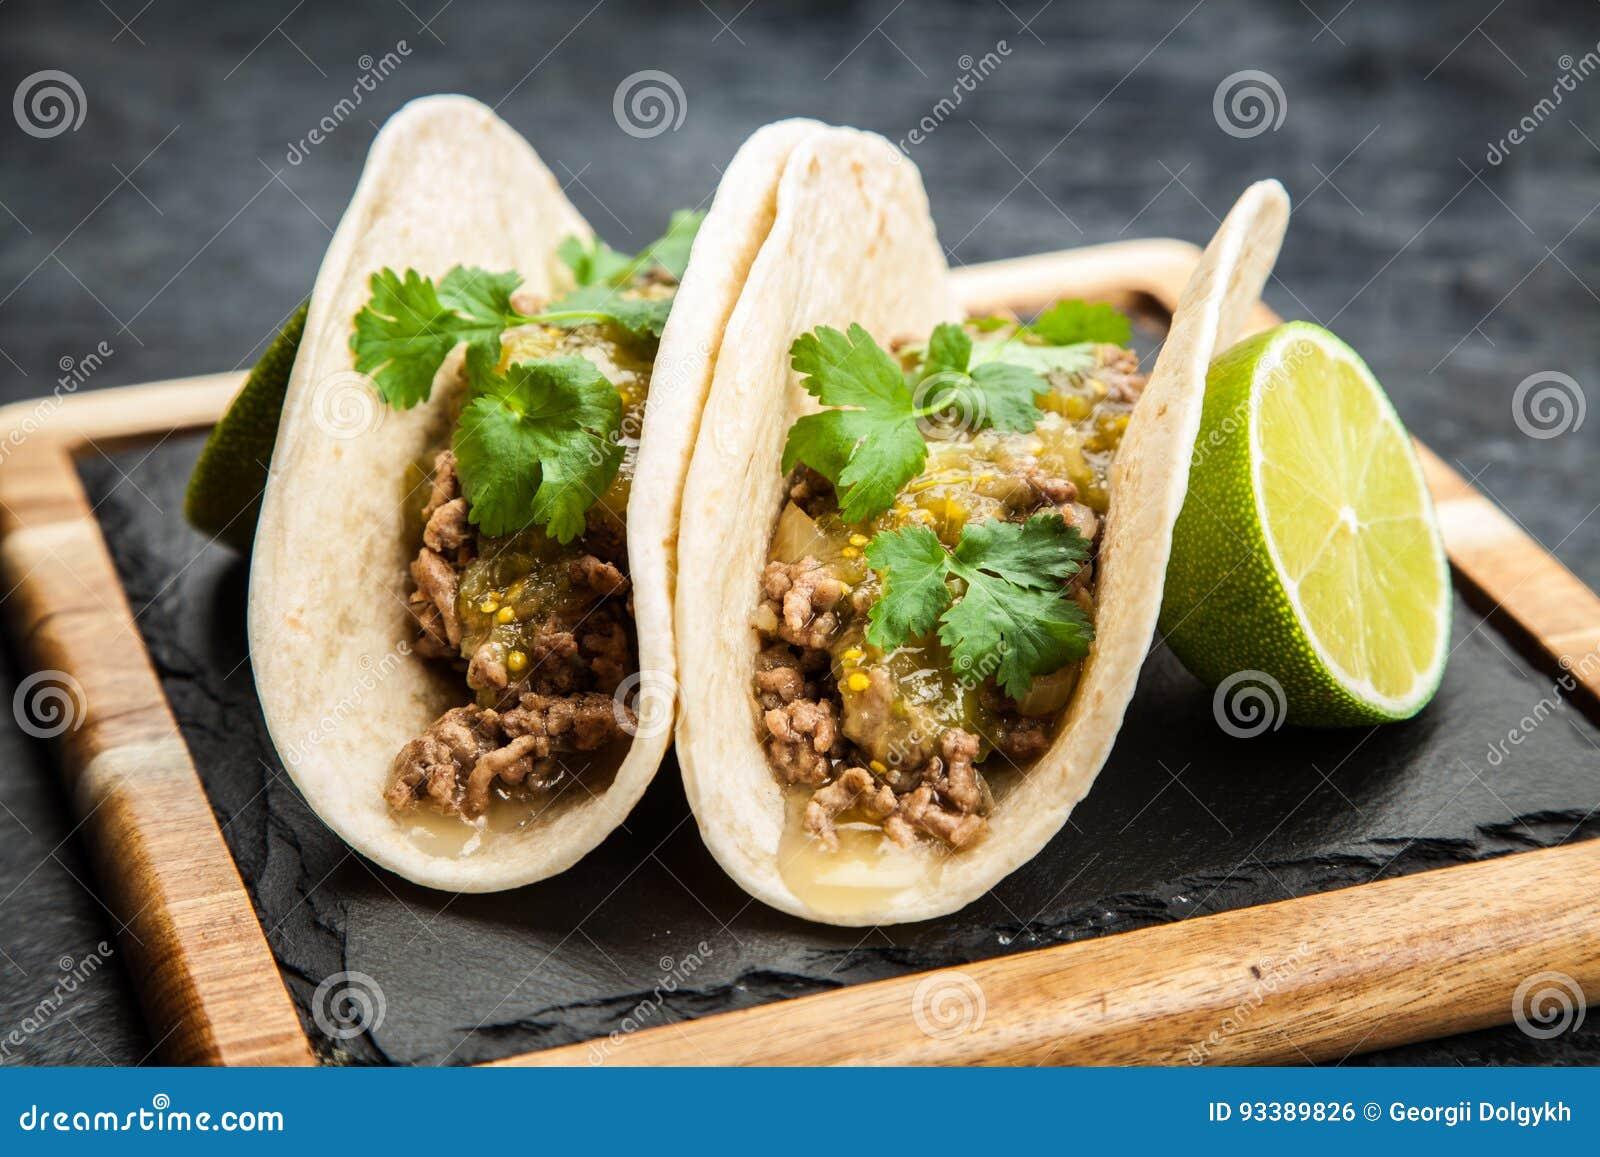 Tacos mexicain avec du boeuf